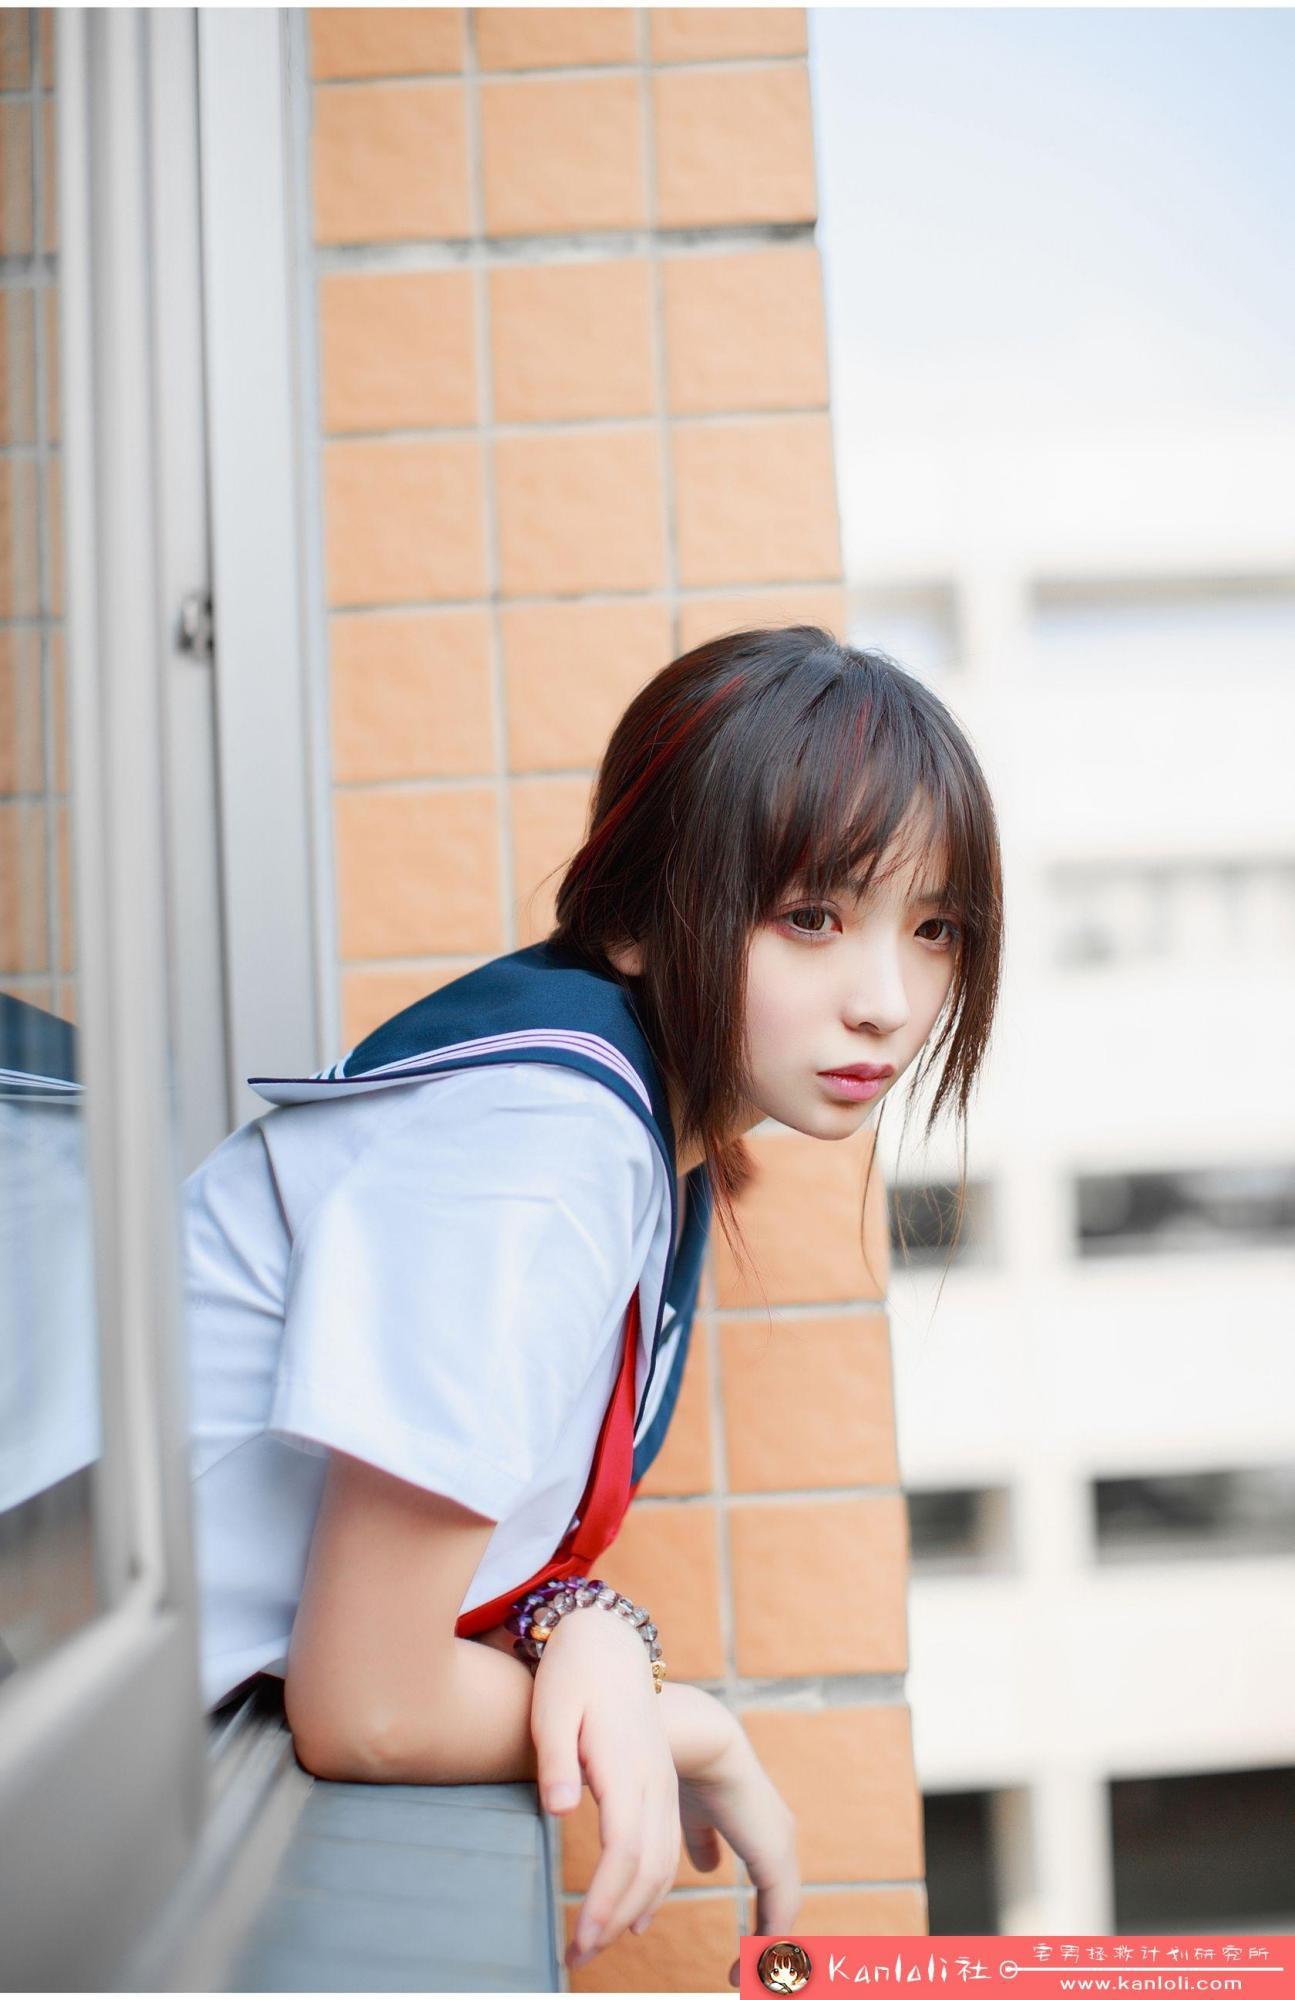 【疯猫ss】疯猫ss写真-FM-026 教室里校花的制服诱惑 [29P]